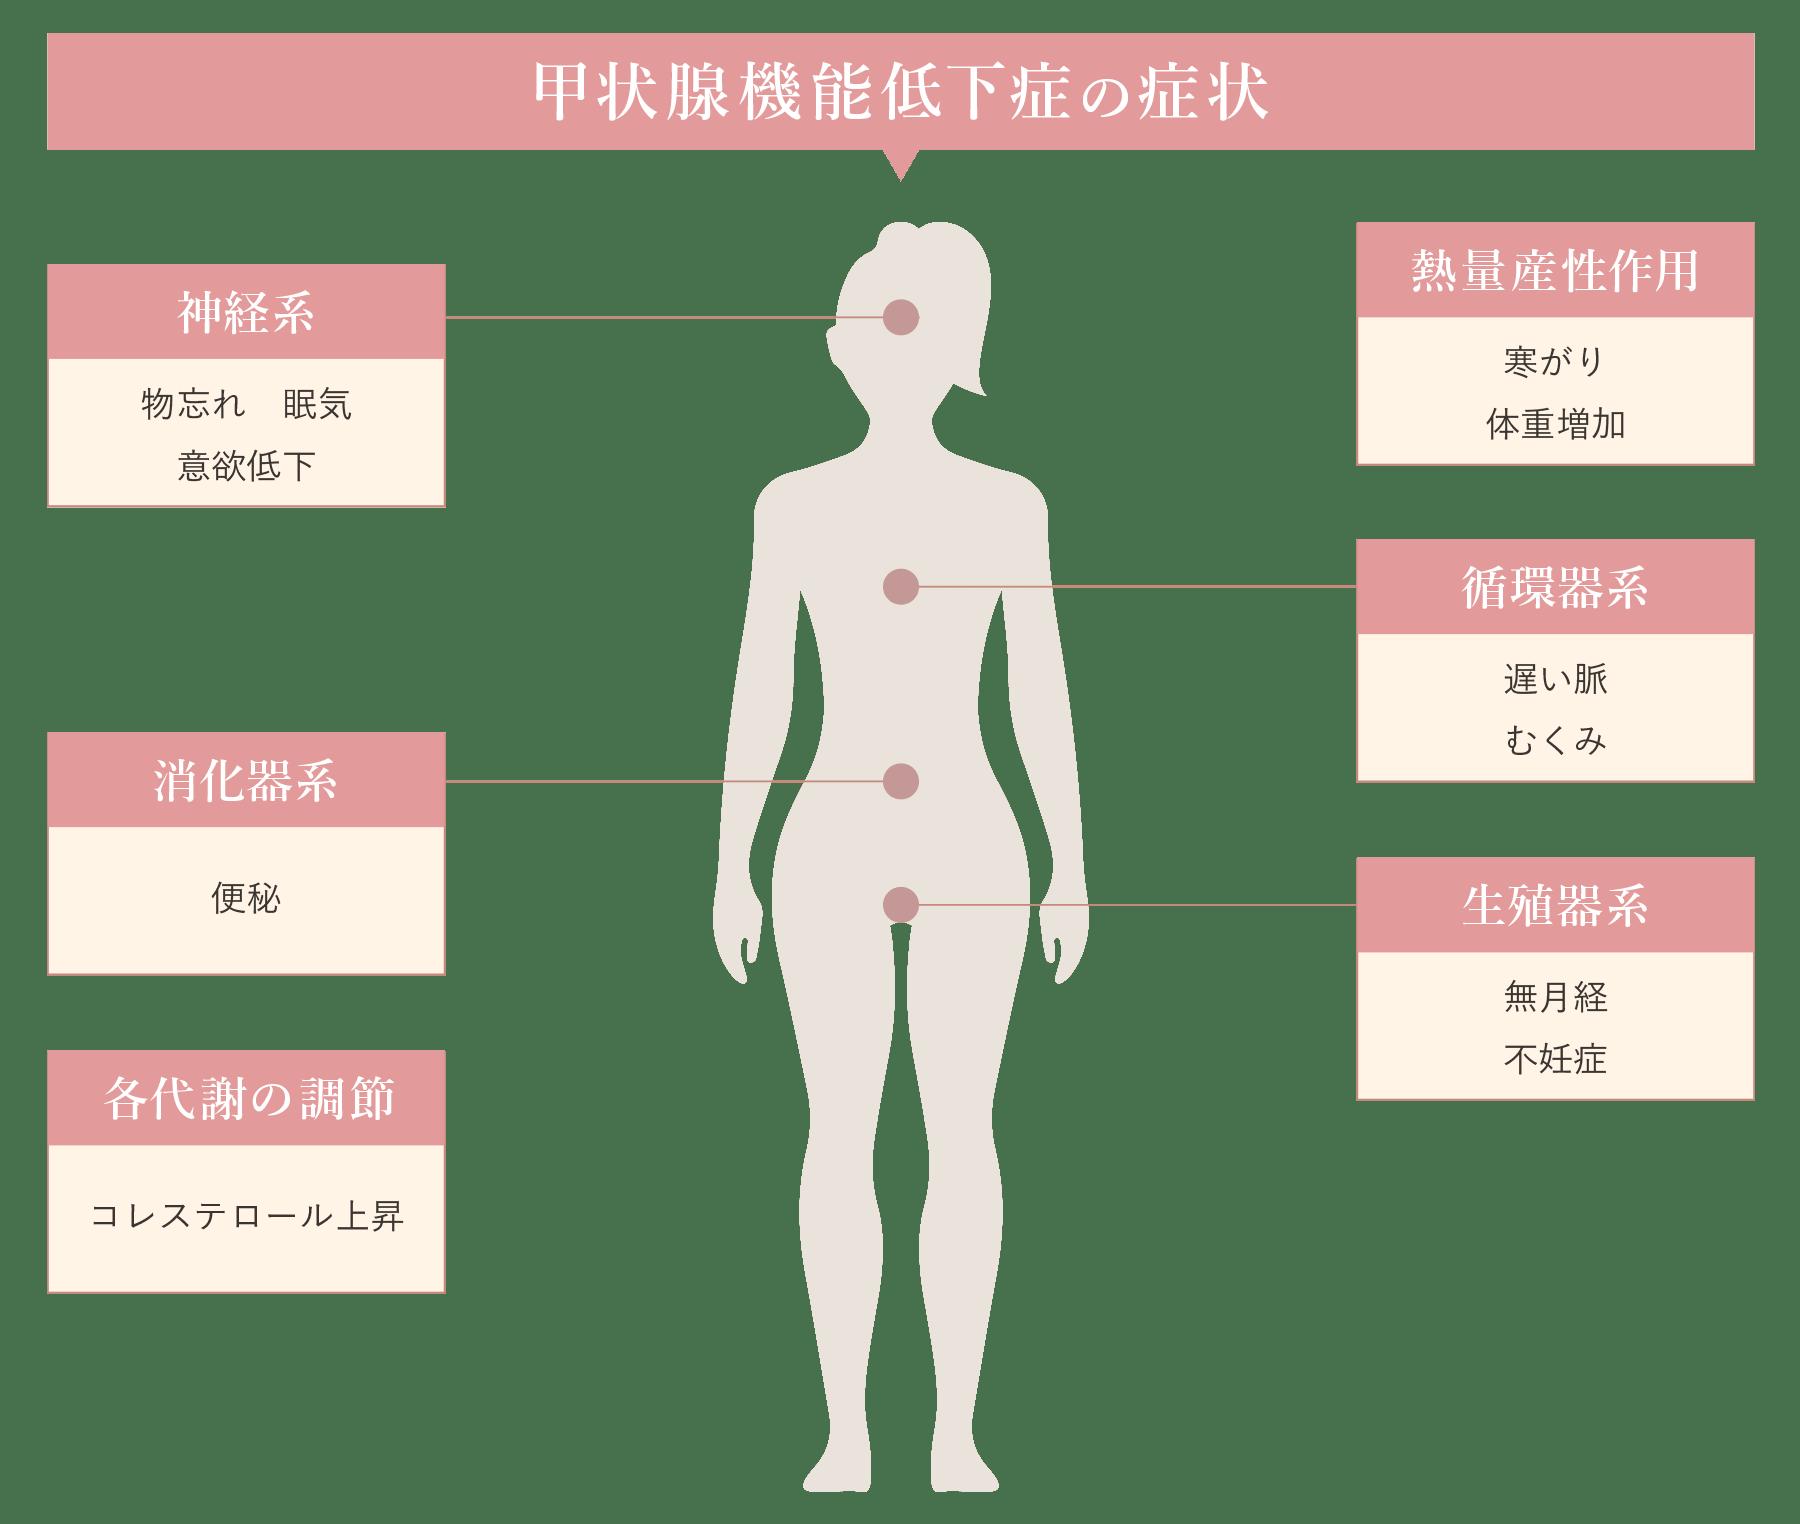 寿命 バセドウ 病